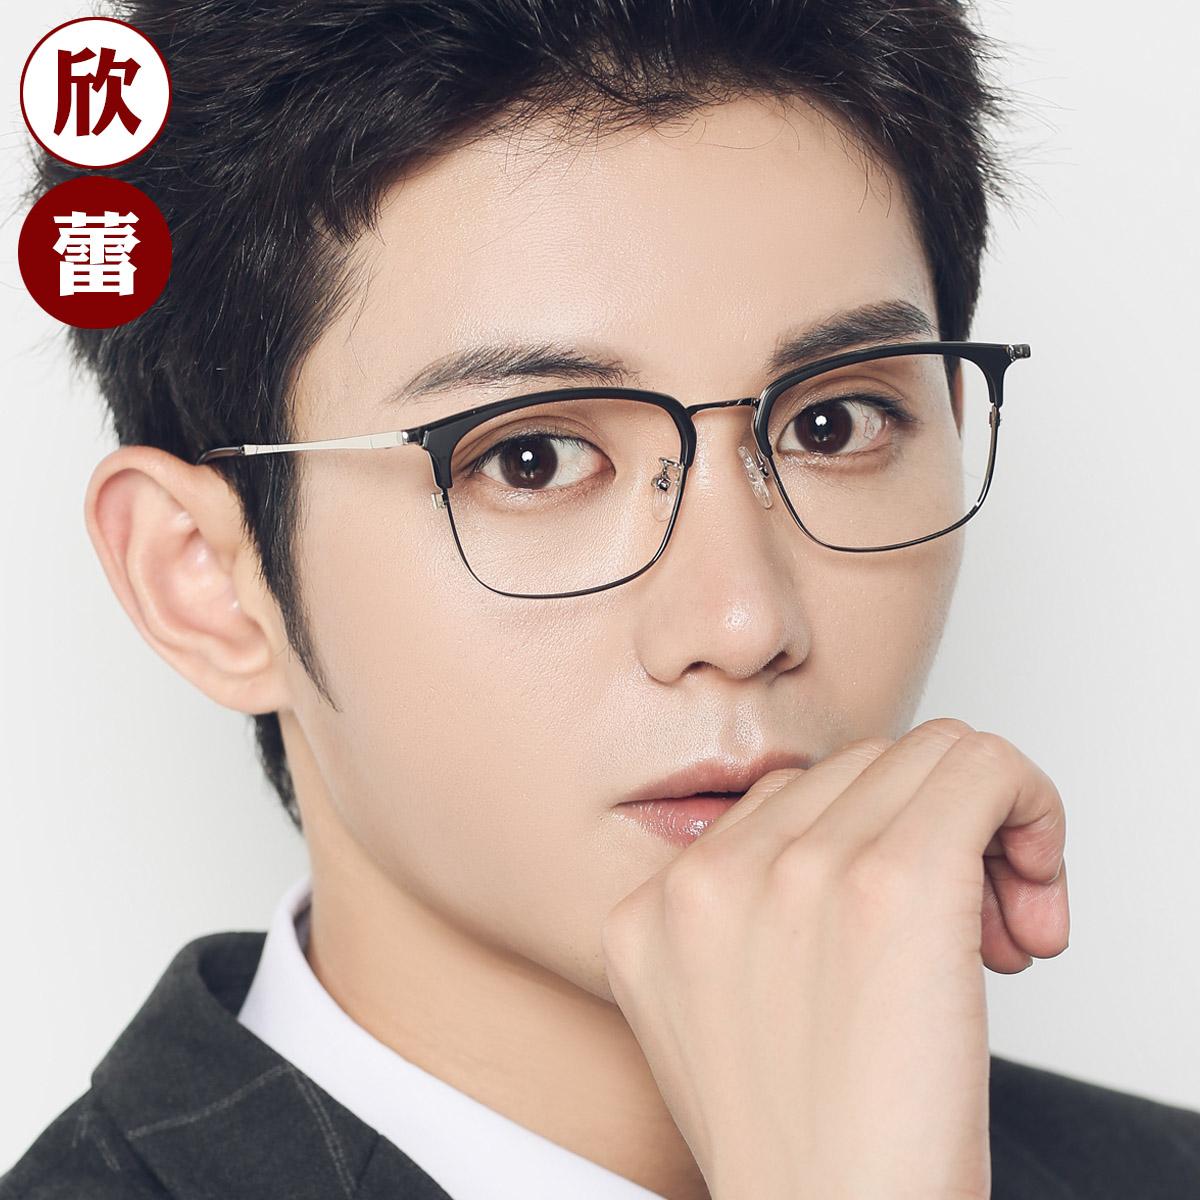 复古眼镜框男平光复古全框有度数防蓝光镜架男大脸全框配近视眼镜